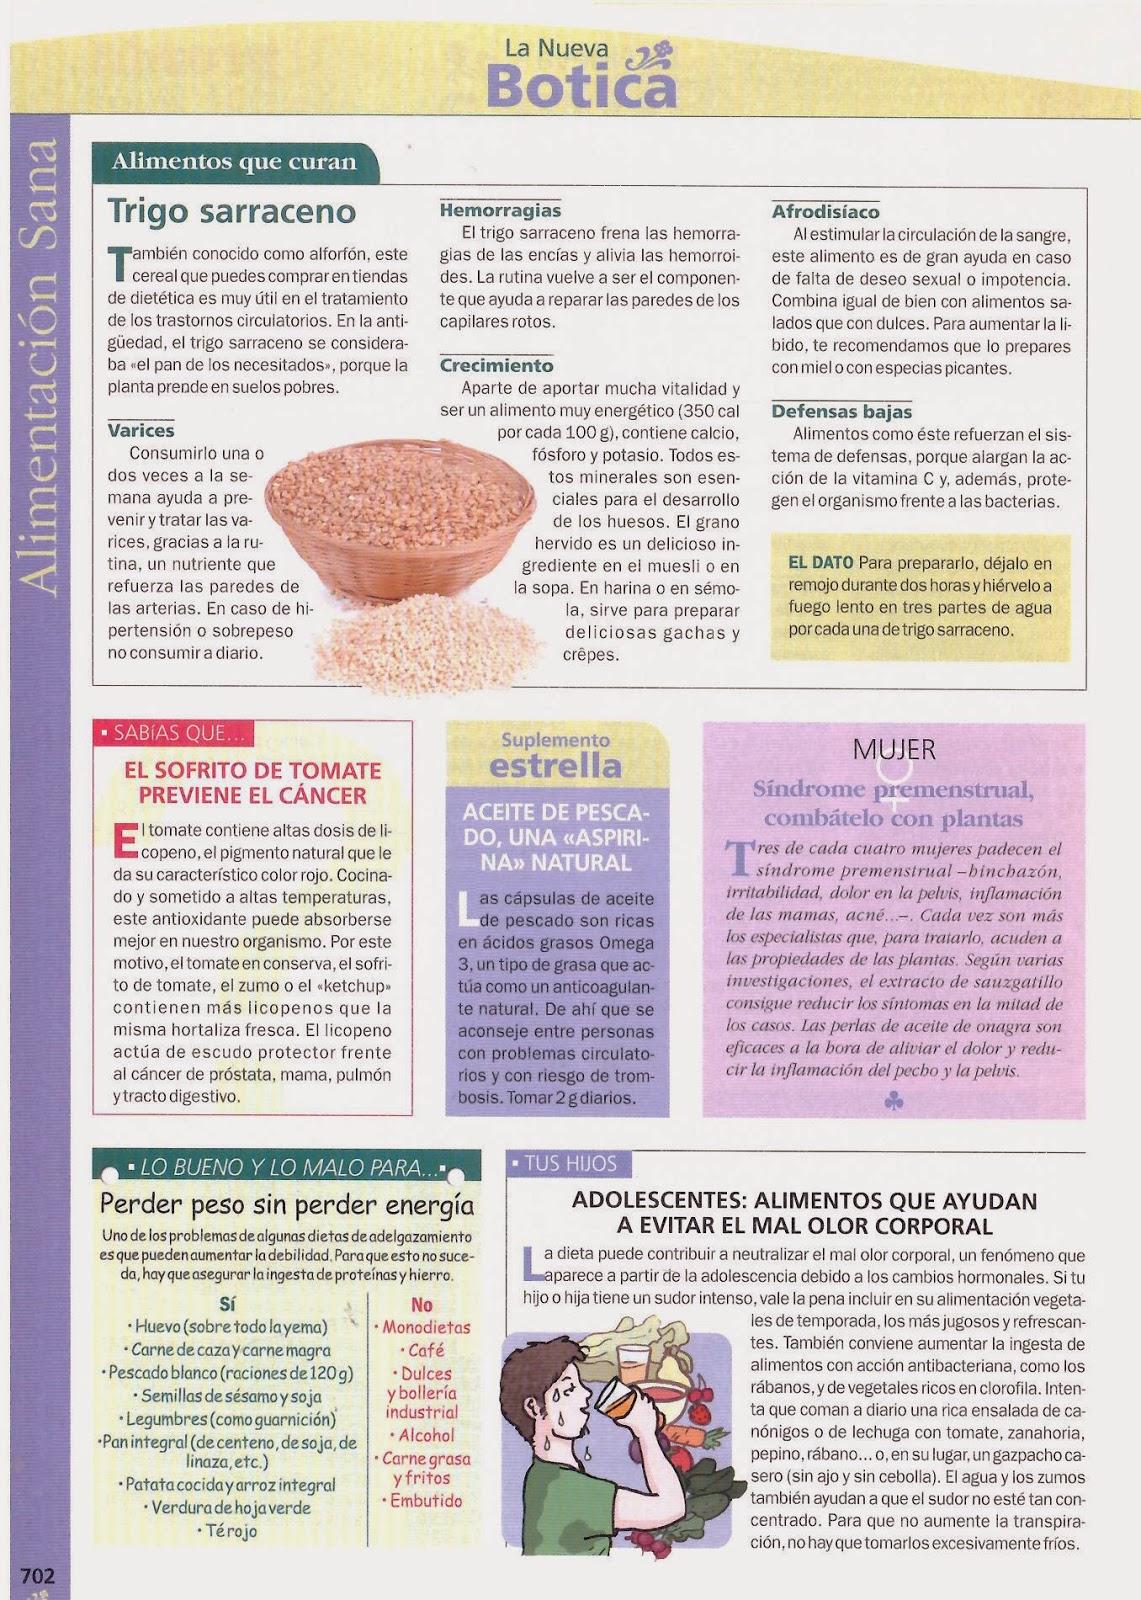 Alimentos acido urico tomate alimentos que suben el nivel de acido urico causas del acido - Alimentos reducir acido urico ...